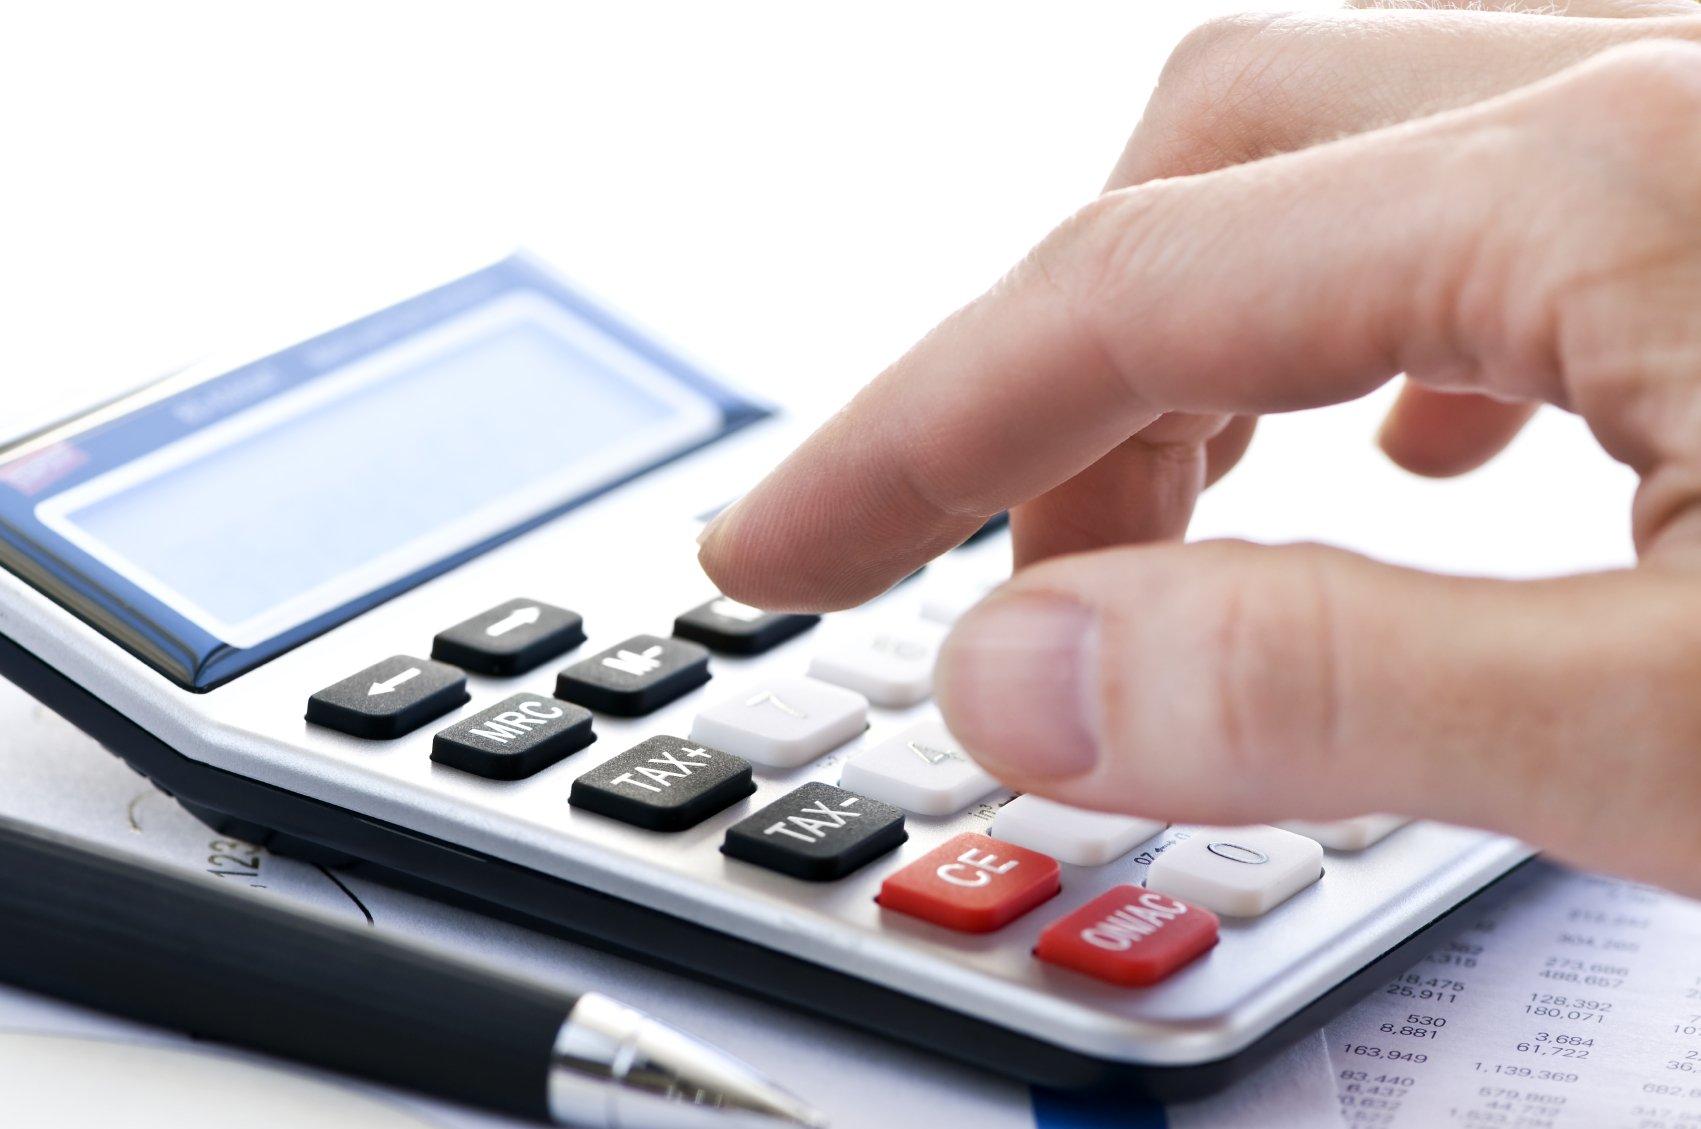 Кредит наличными, кредитные карты, кредит в банке